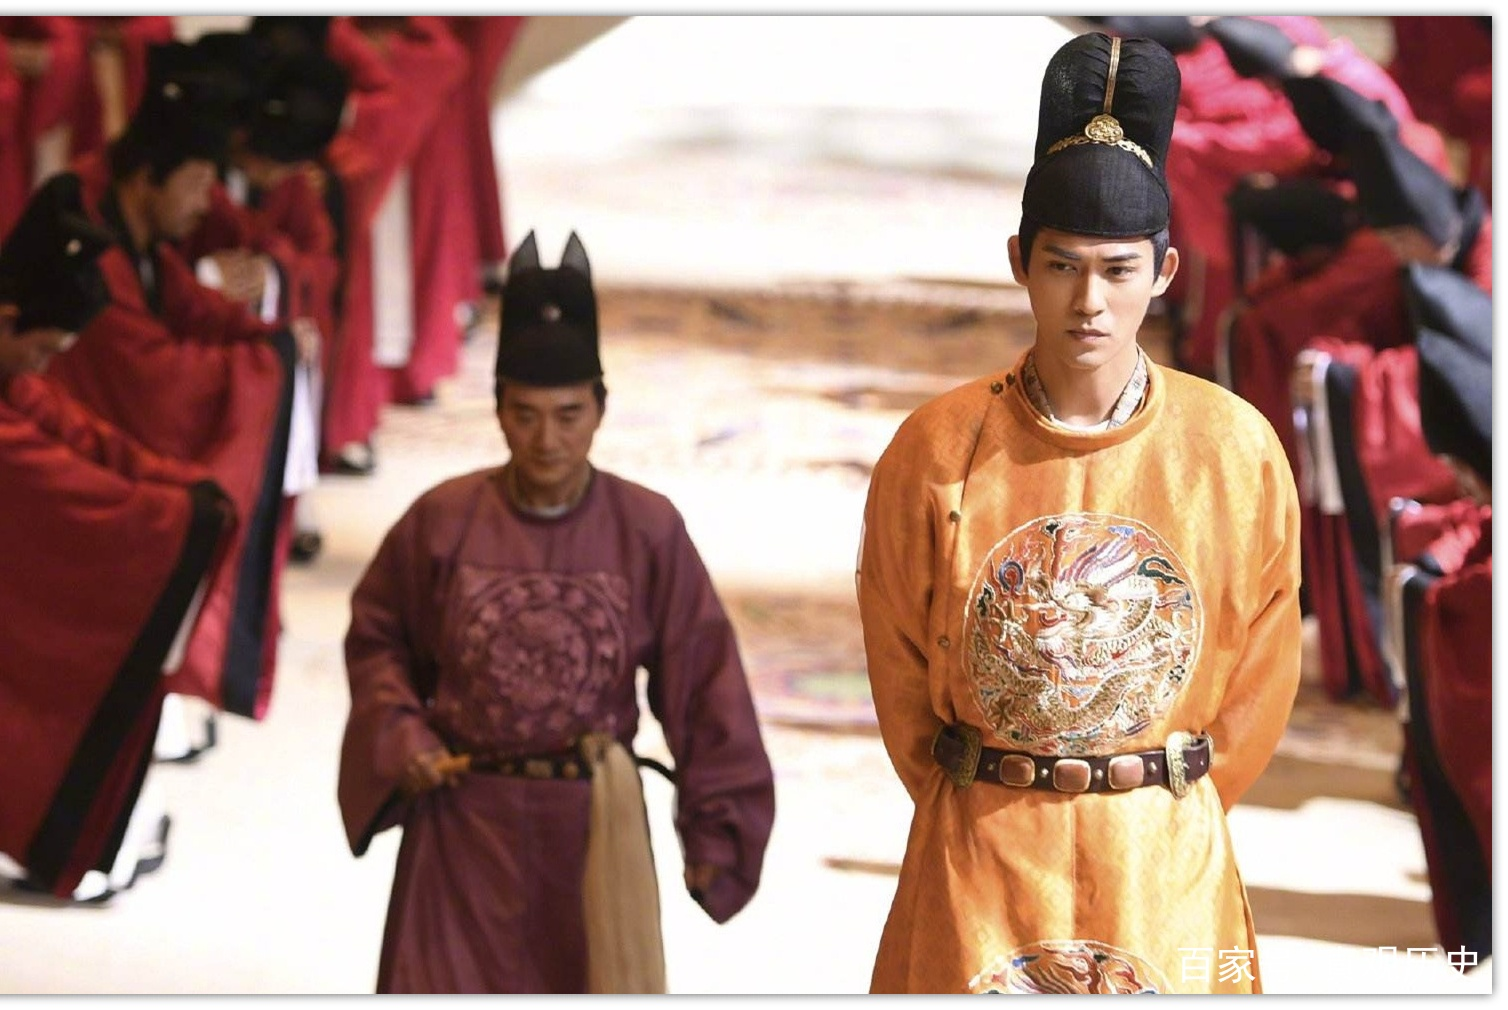 明朝宦官名气、权势很大,为何却不能像唐朝宦官那样废立皇帝?